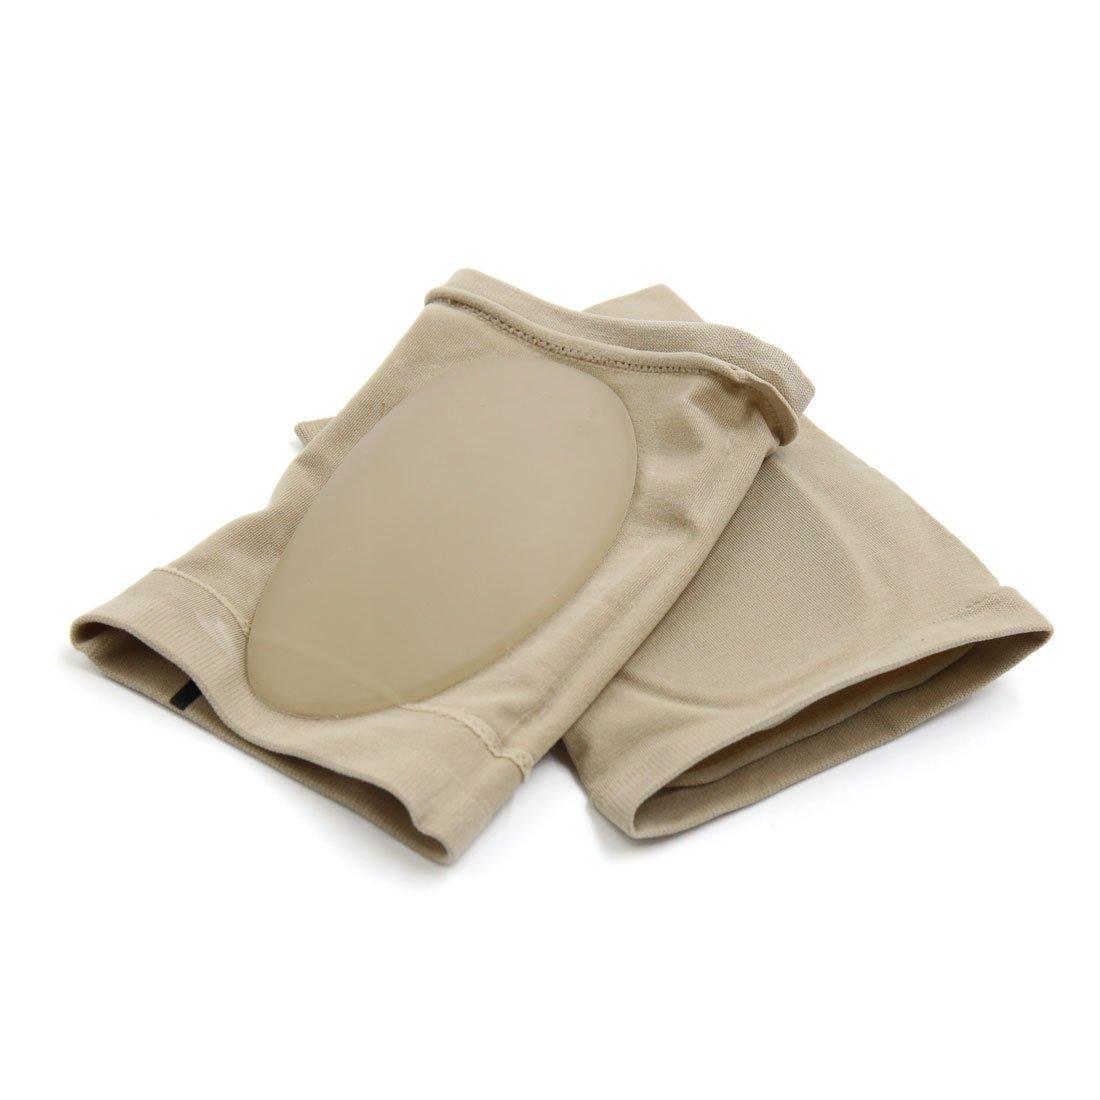 Amazon.com: eDealMax 1 par elástico cuidado de Los pies del arco Plantar vendaje de silicona Soporte de Color de la piel: Health & Personal Care